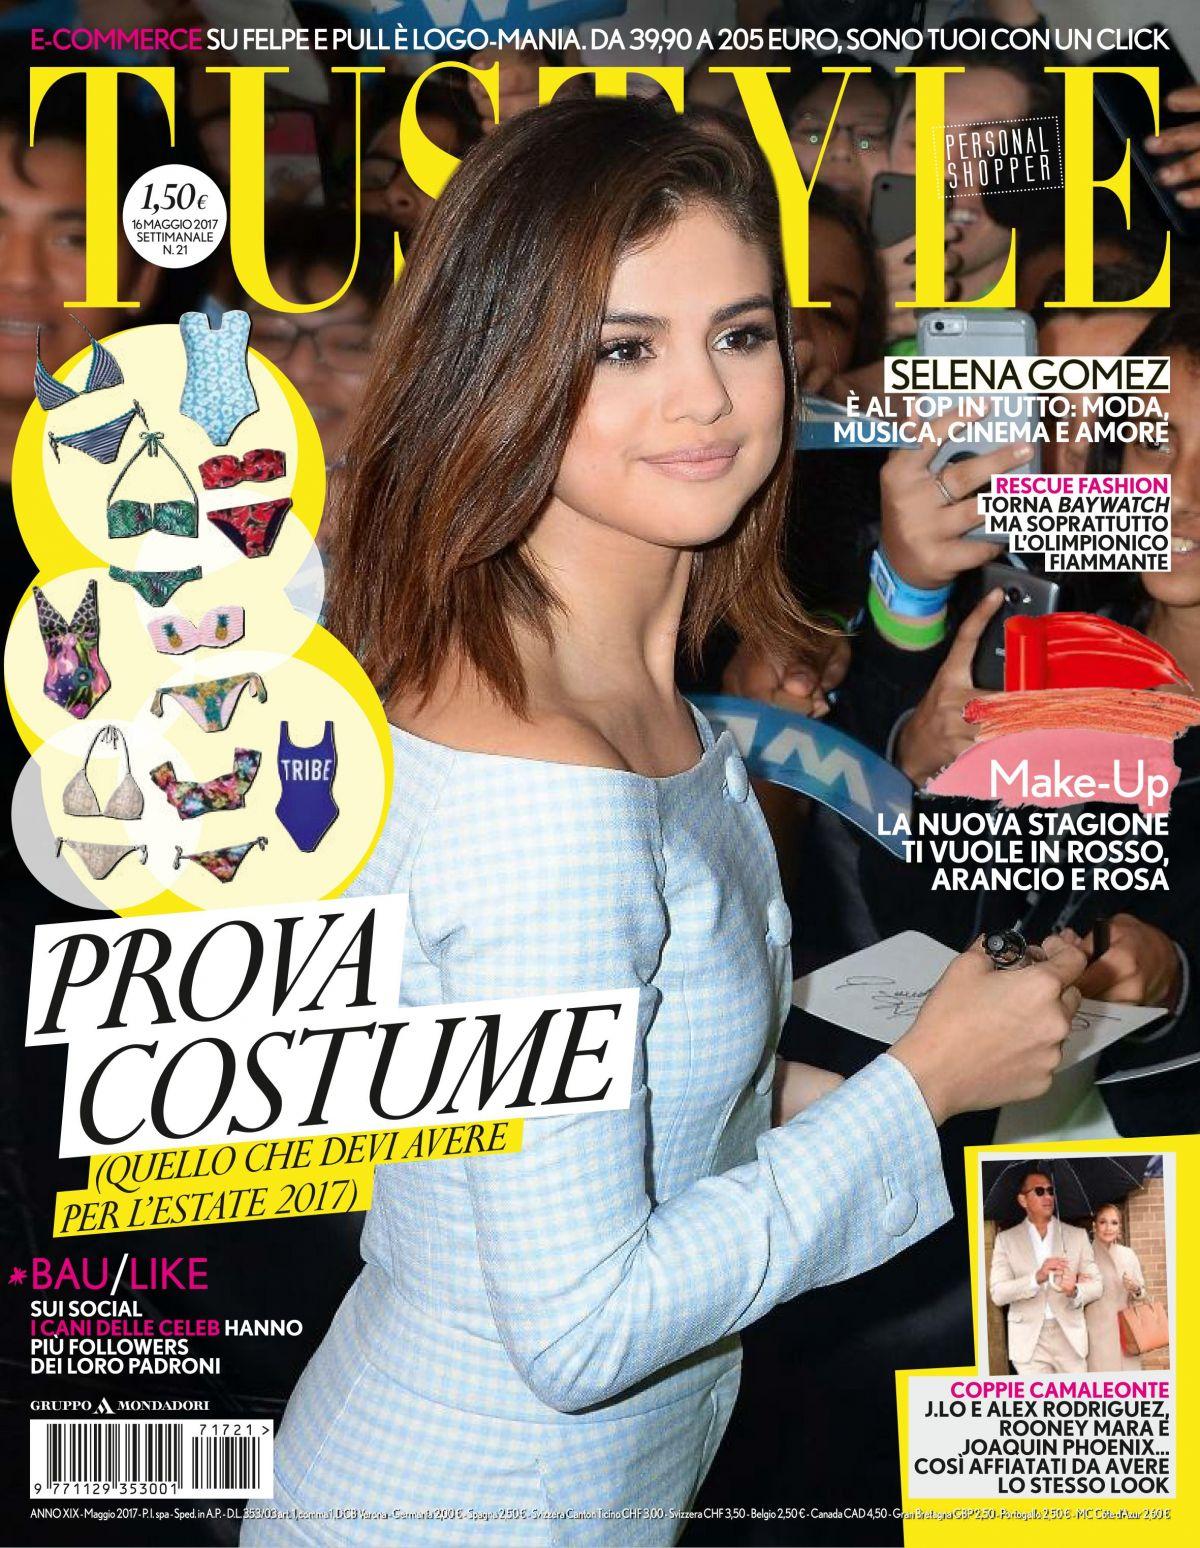 Tustyle Magazine November 2015 Issue